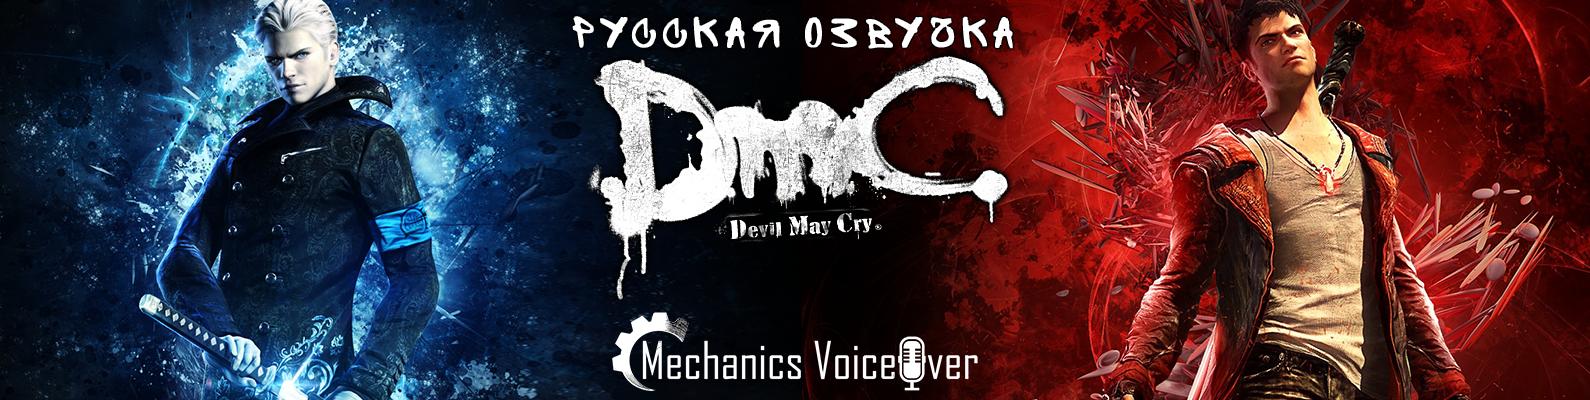 DmC: Devil May Cry - демонстрация русских текстур и озвучки (бета-версия) от R.G. MVO